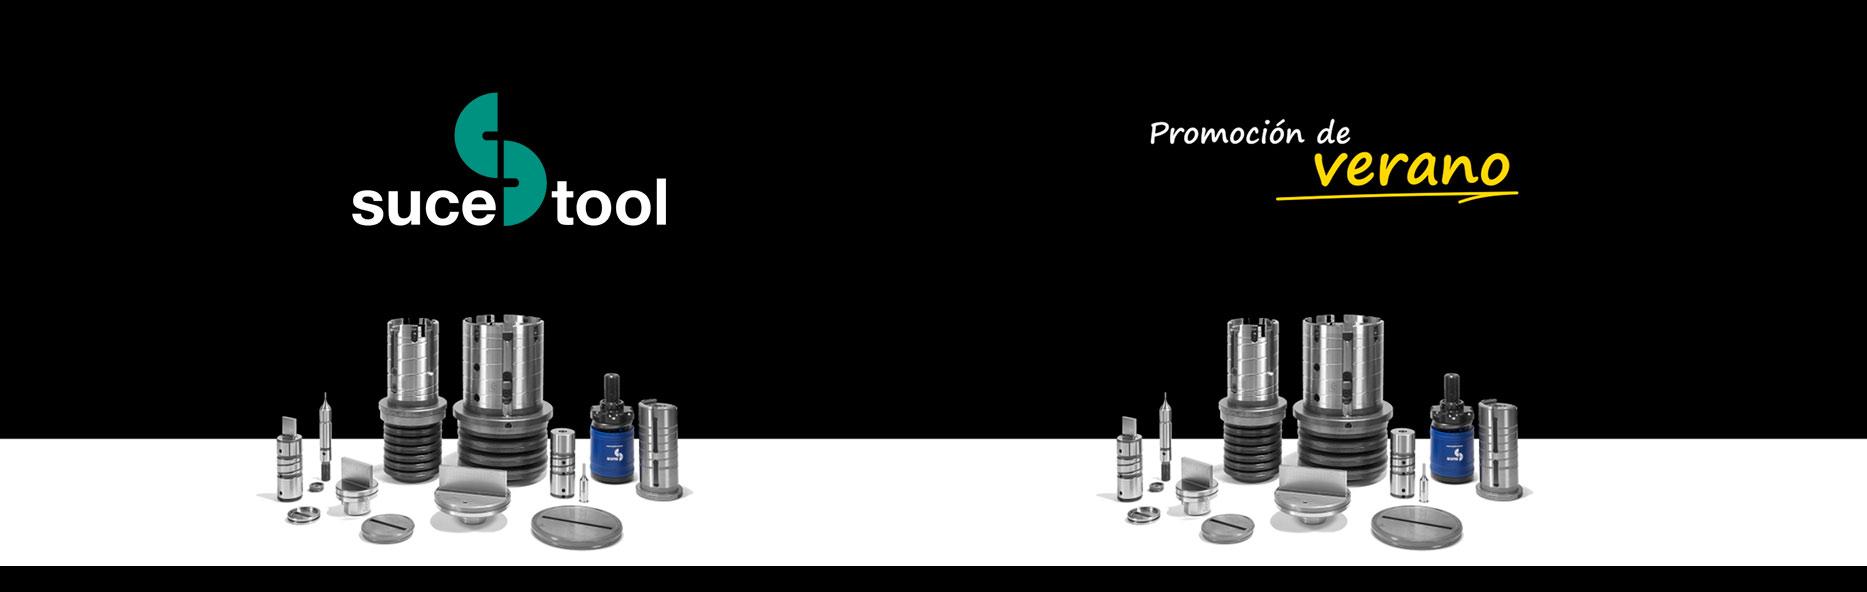 Promoción de verano Suce CNC Oferta 10%